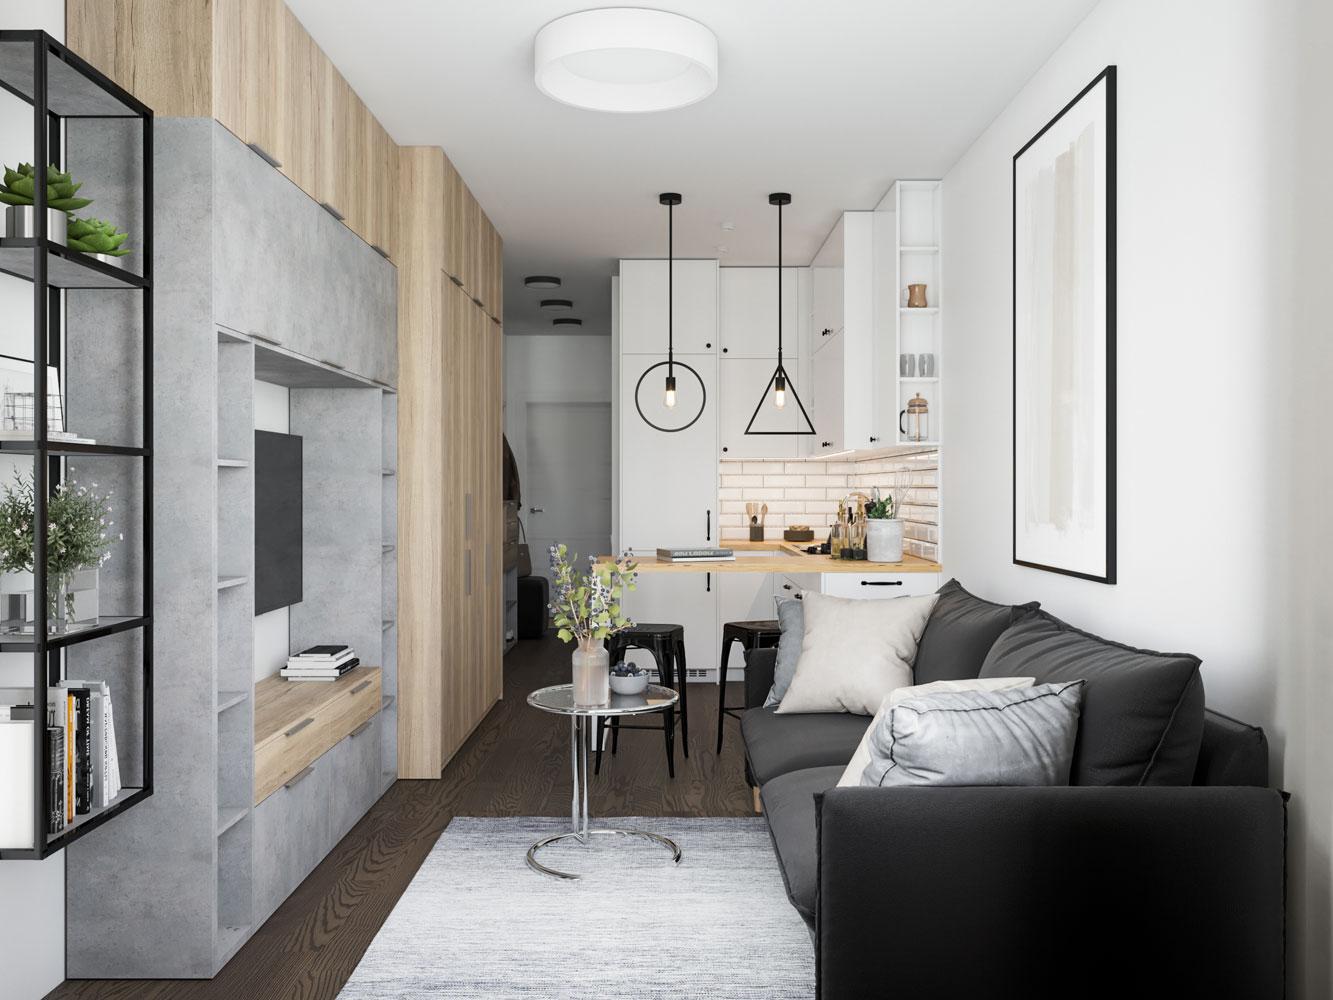 Дизайн студии 22, 21 кв. м. (48 фото): планировка квартиры с балконом, дизайн кухни